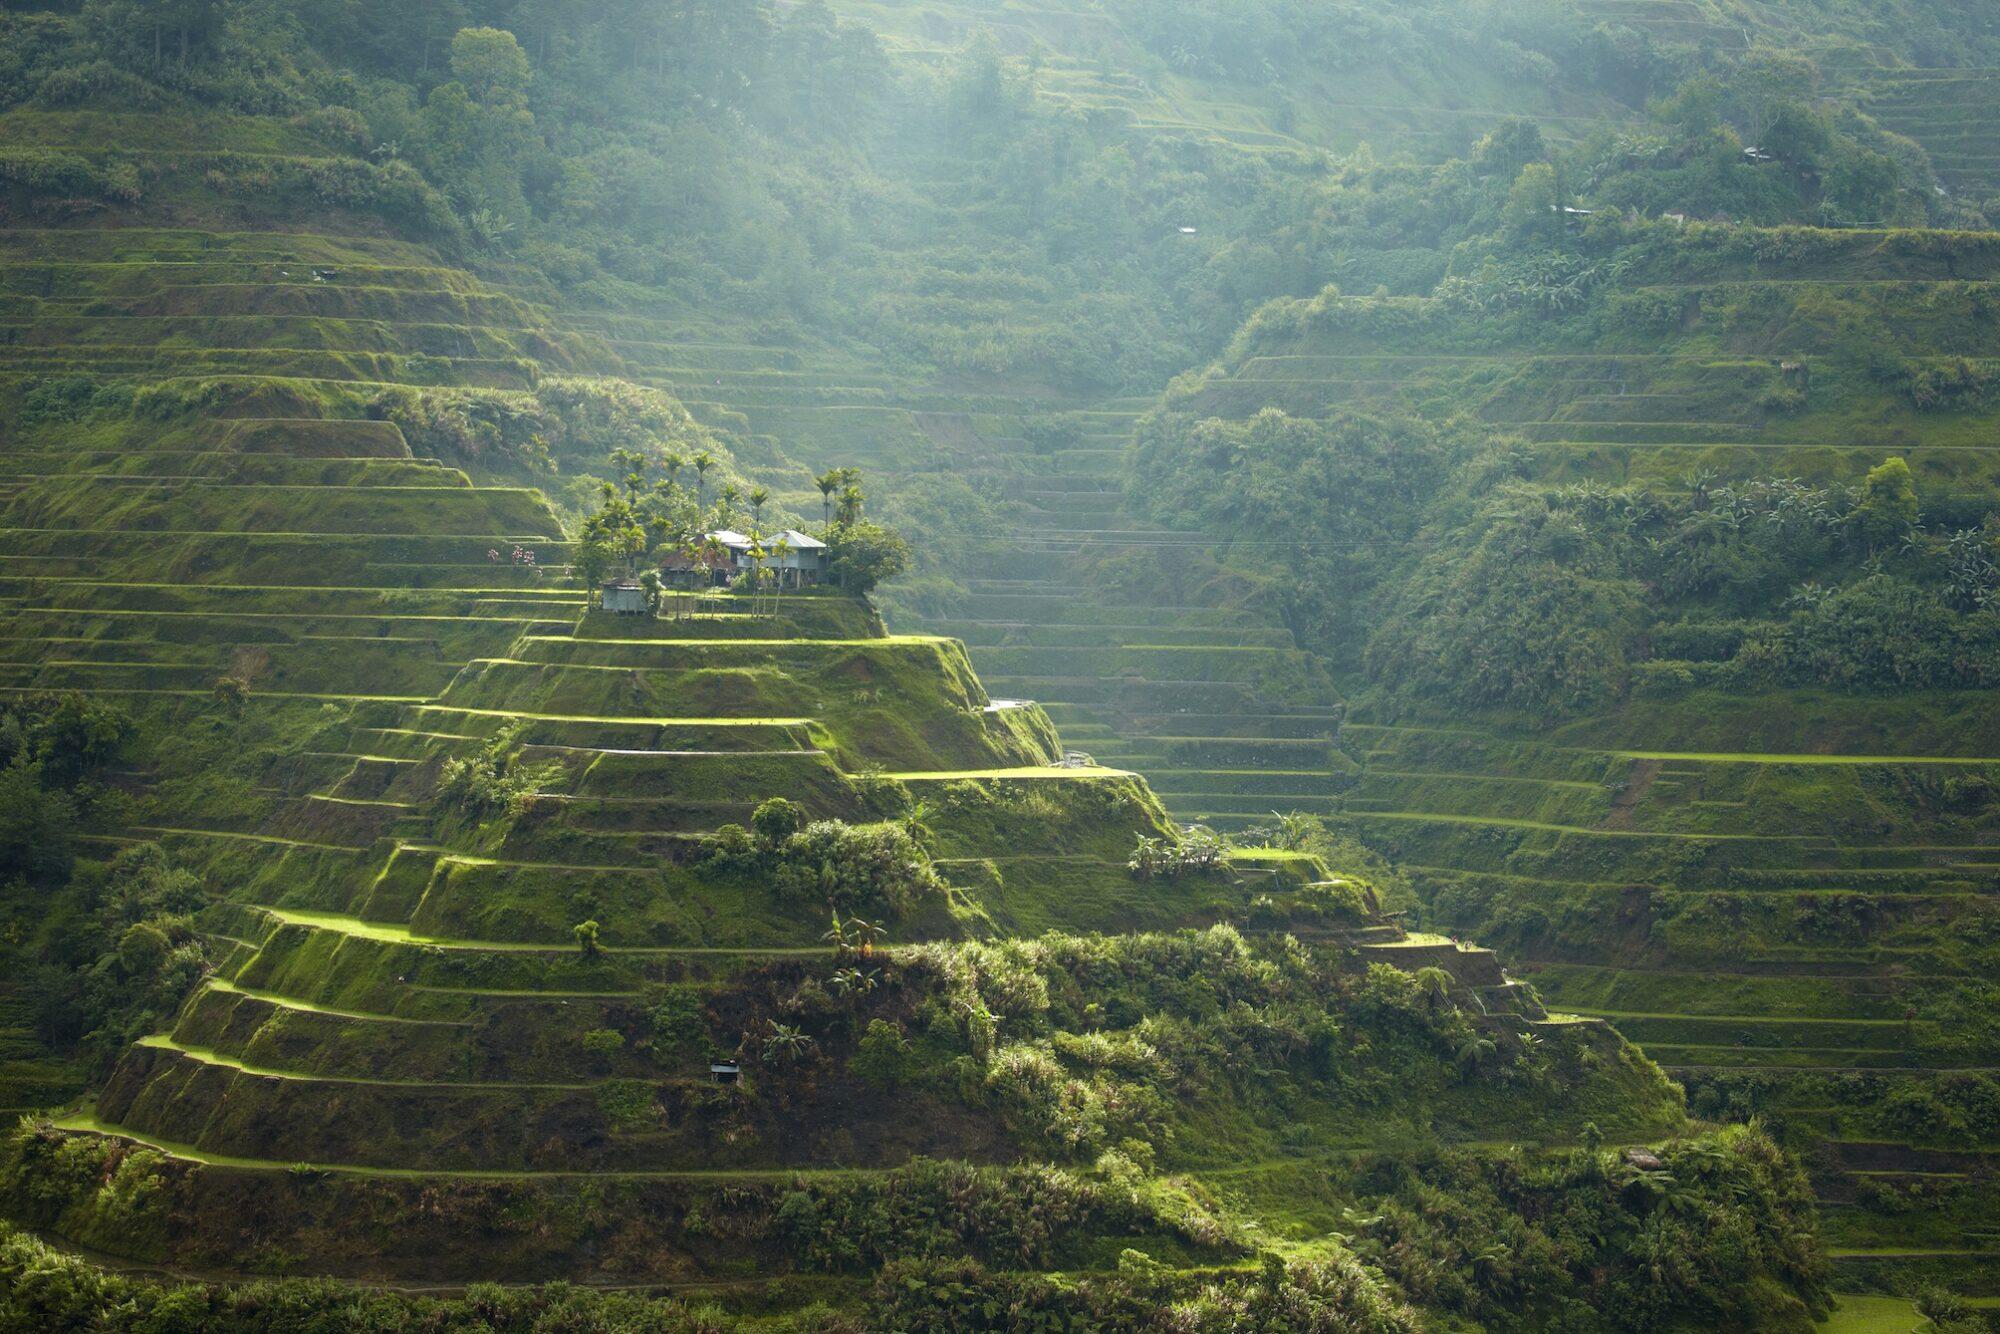 Tag på vandretur til Banaue risterrasser. Man kan også udvide turen med besøg ved Sagada og de hængende kister.